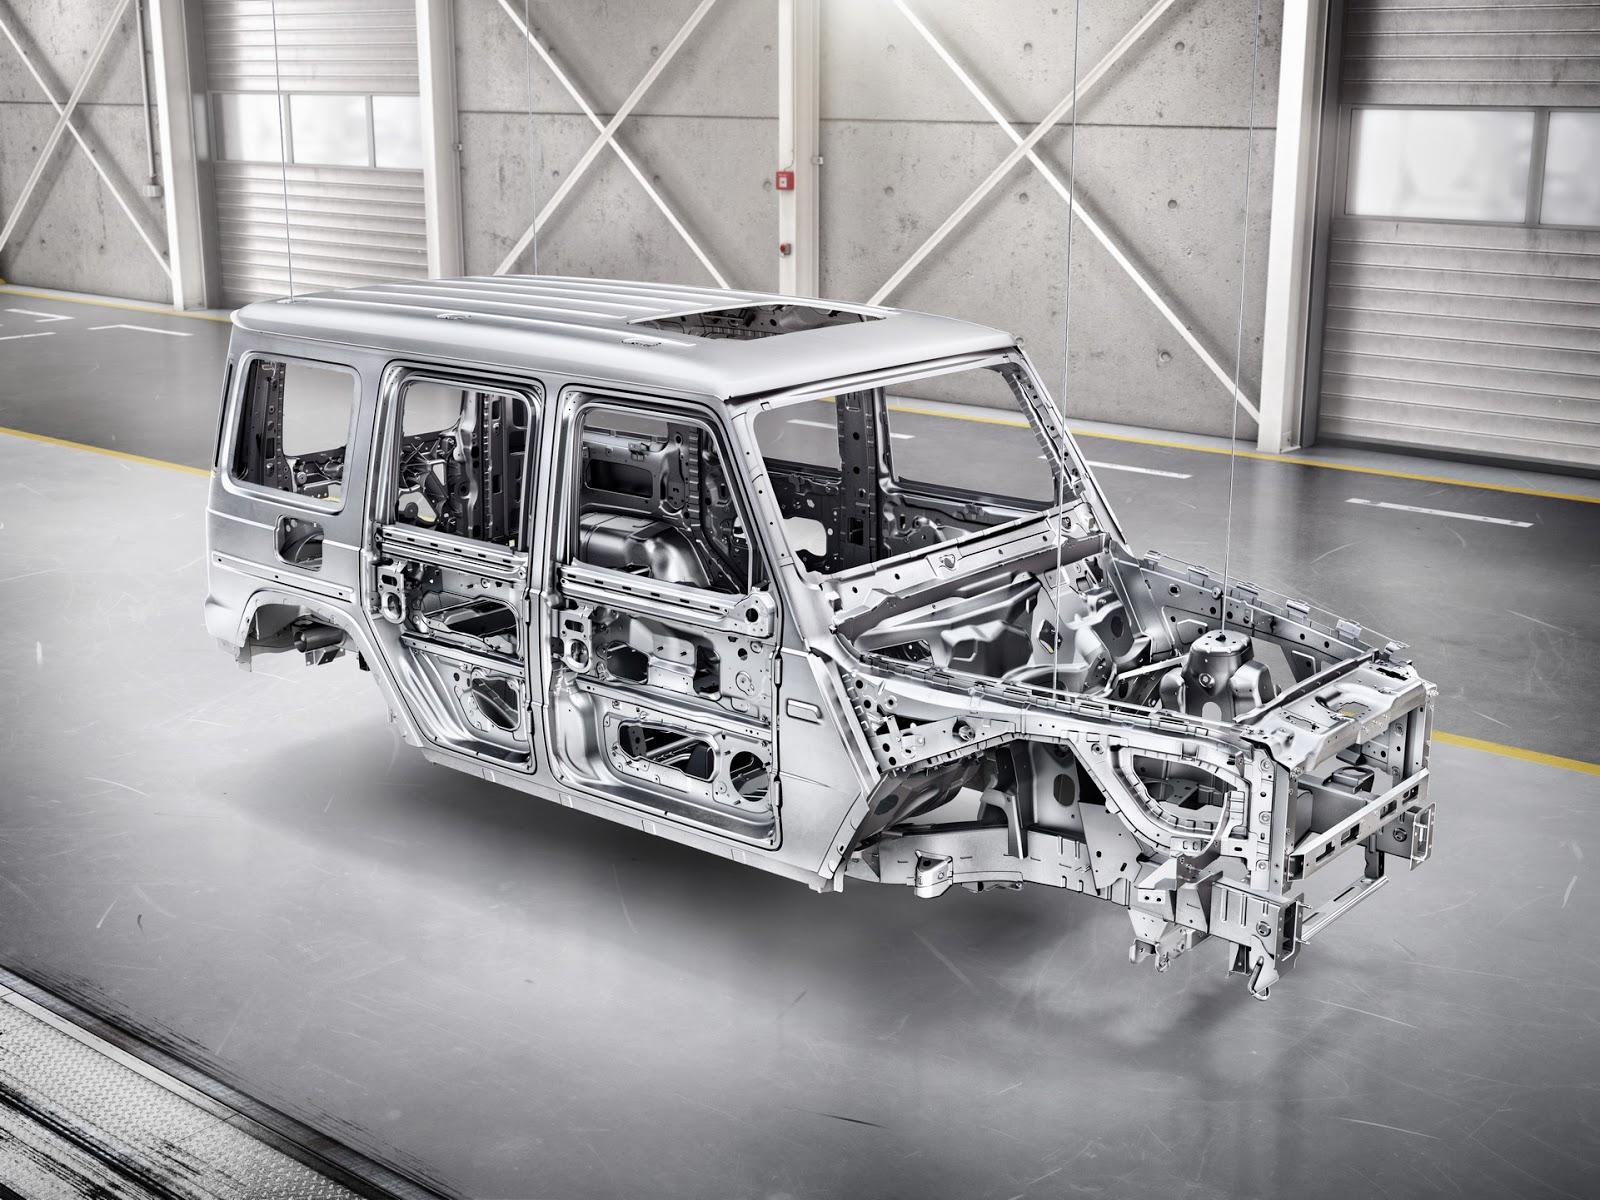 2019-Mercedes-Benz-G-Class-005.jpg